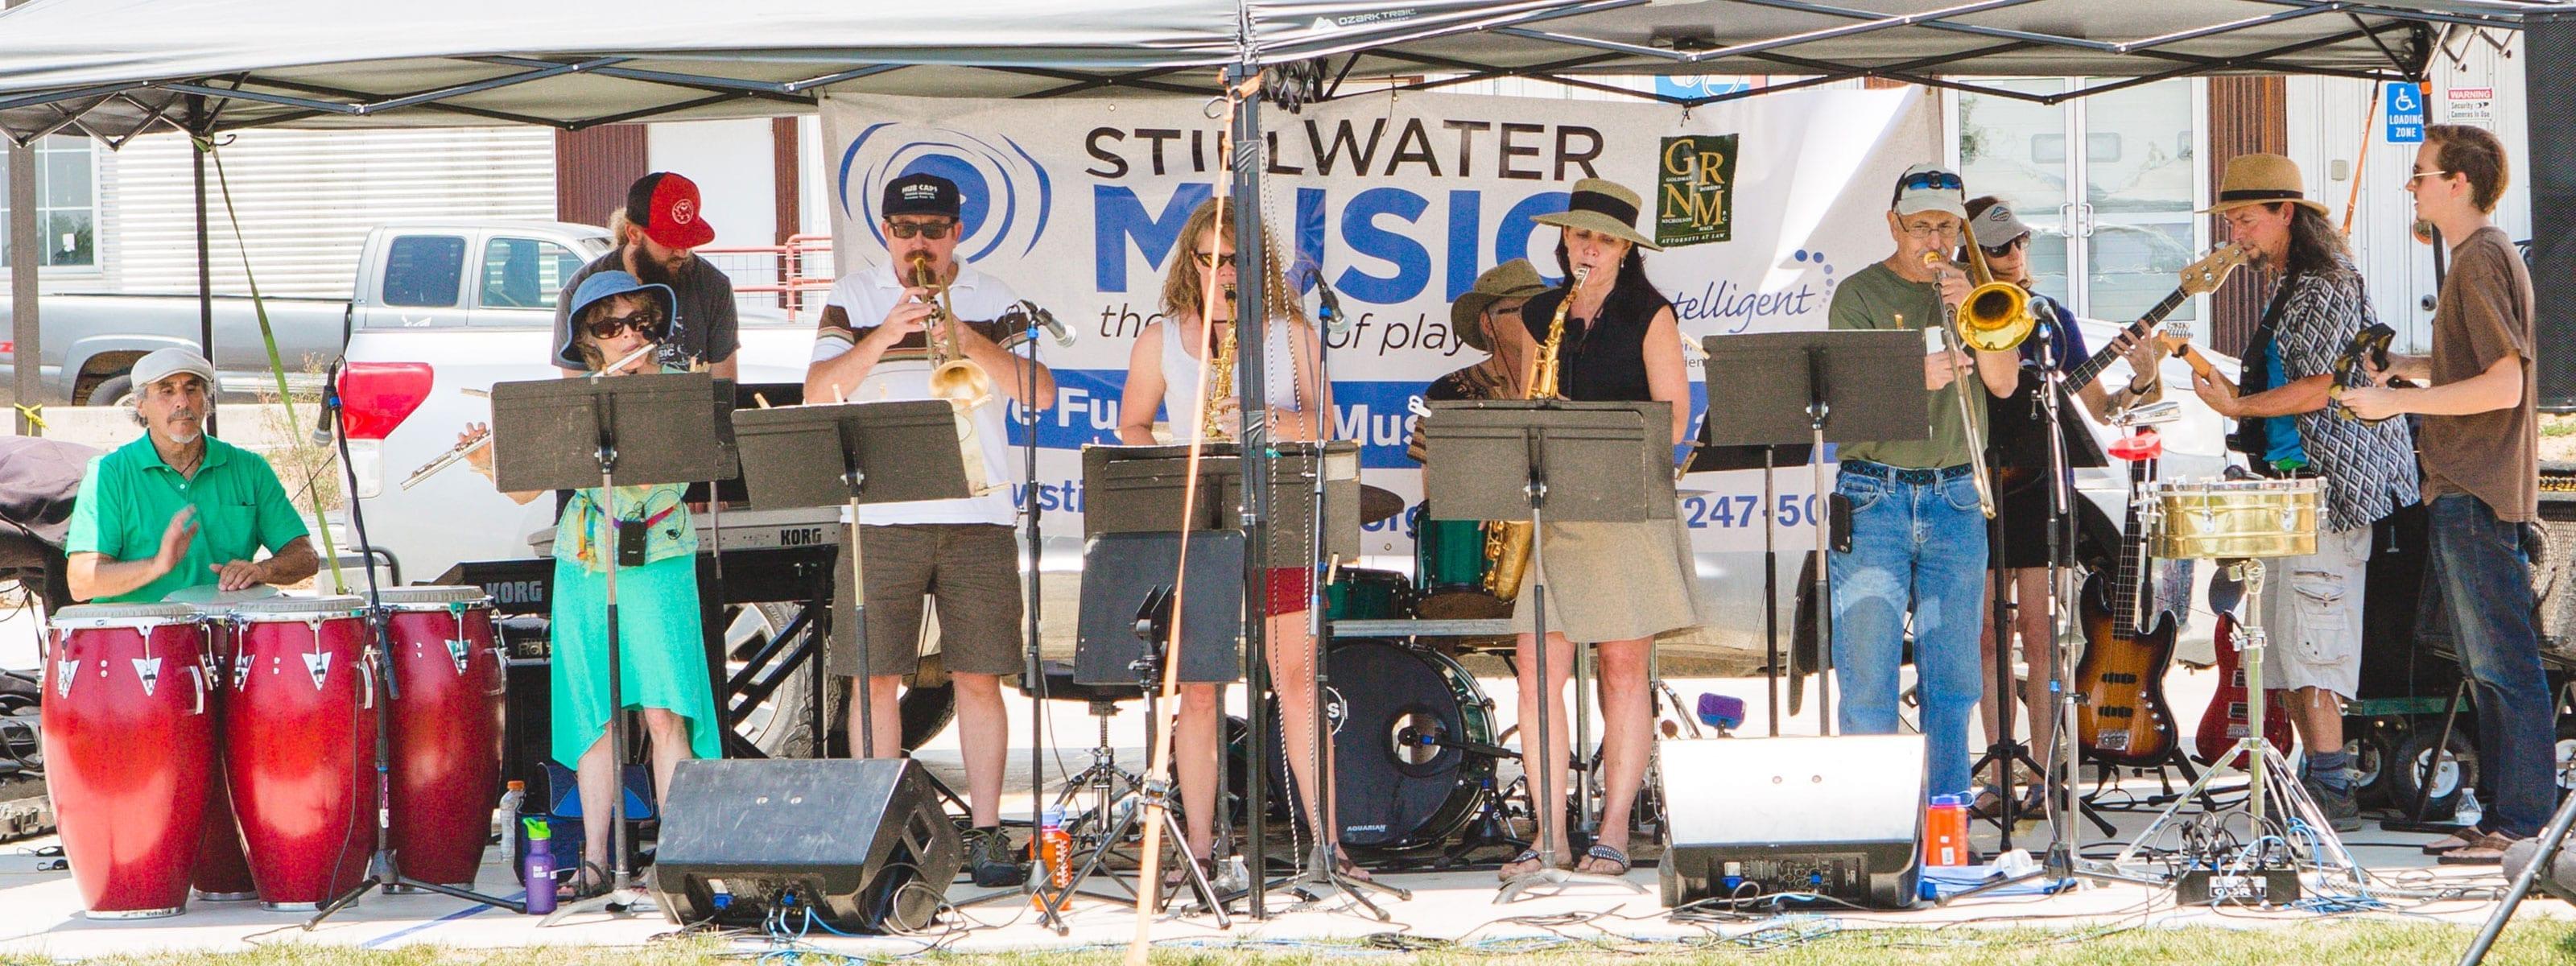 7 SHarp 11 - Stillwater Adult Jazz Band